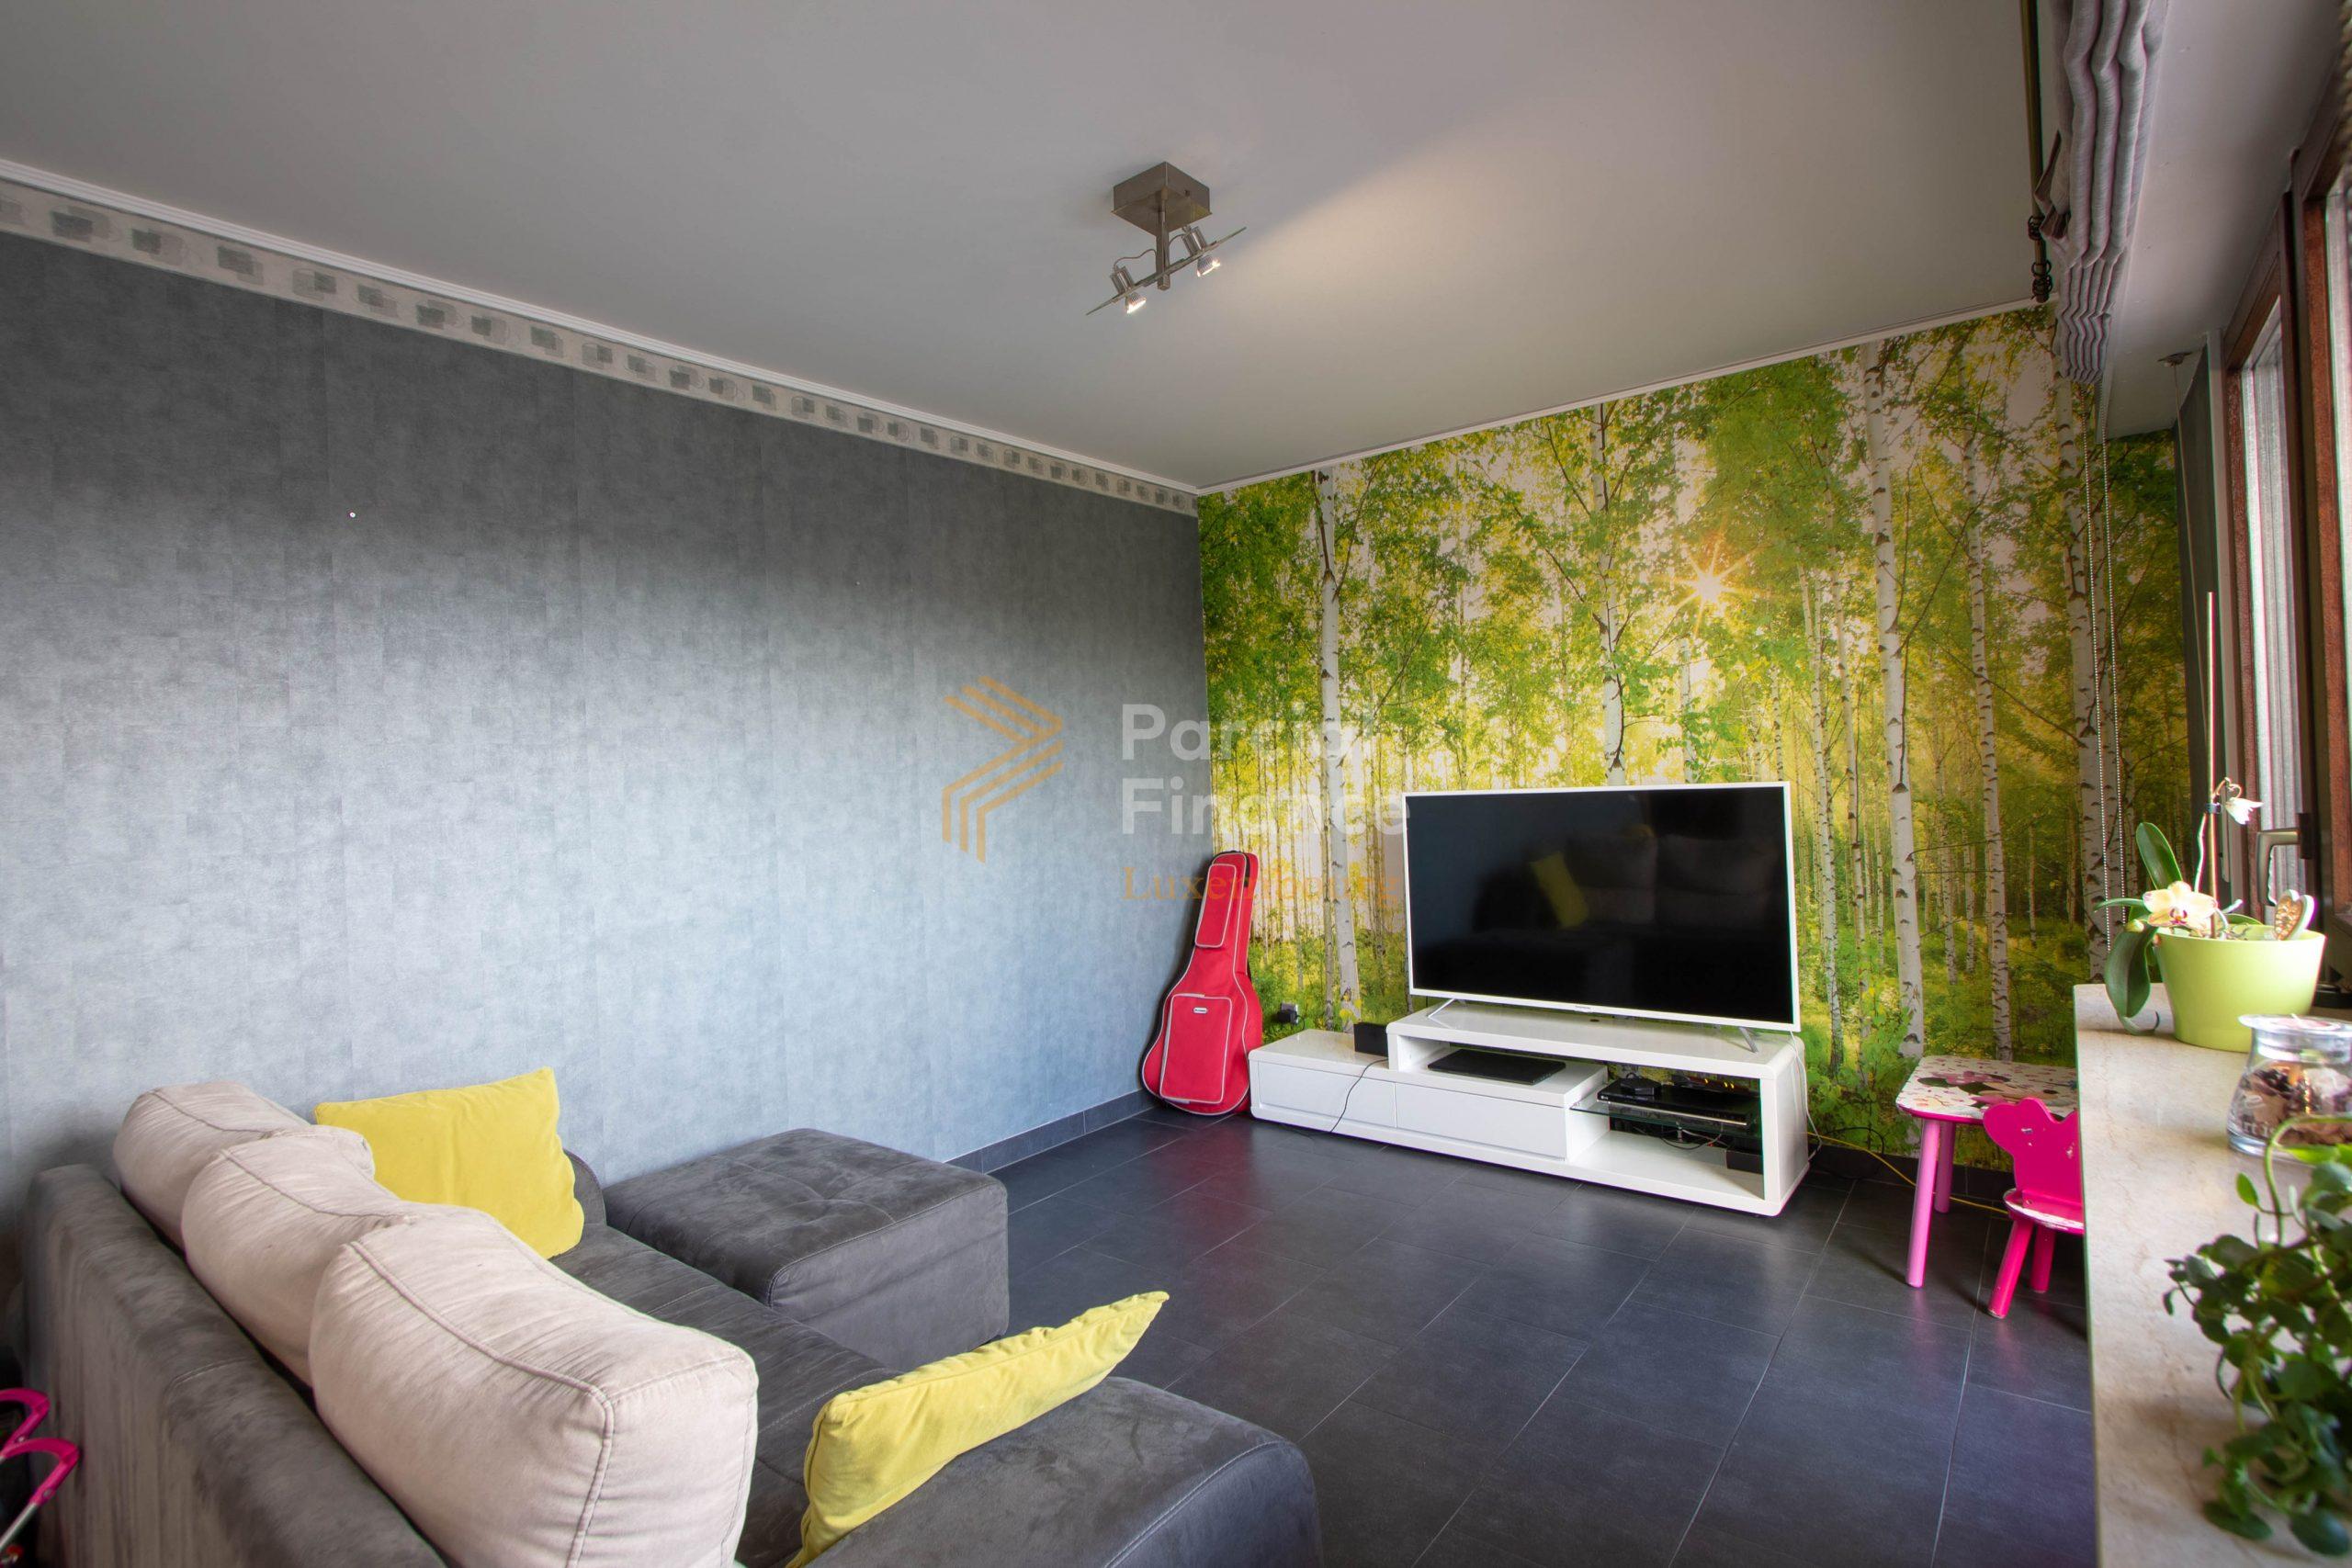 Apartamento à venda em Niederkorn Luxemburgo